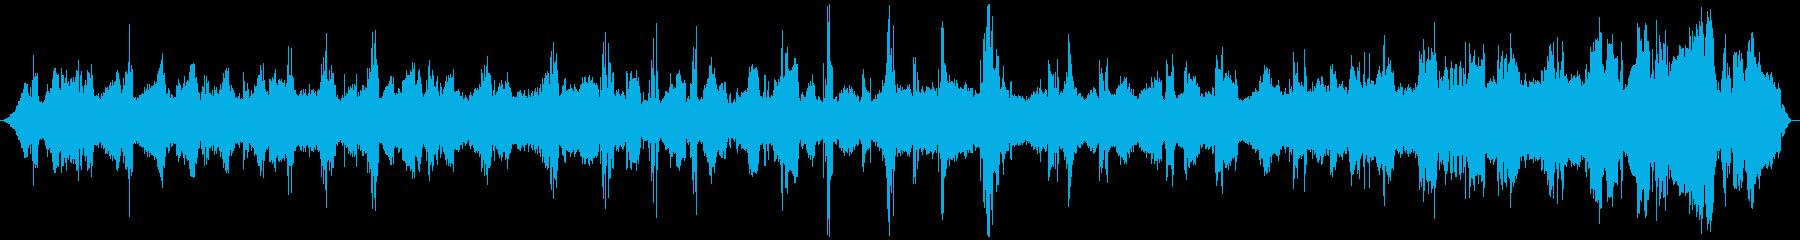 ミーンミーン 北海道の蝉 音景色 その2の再生済みの波形